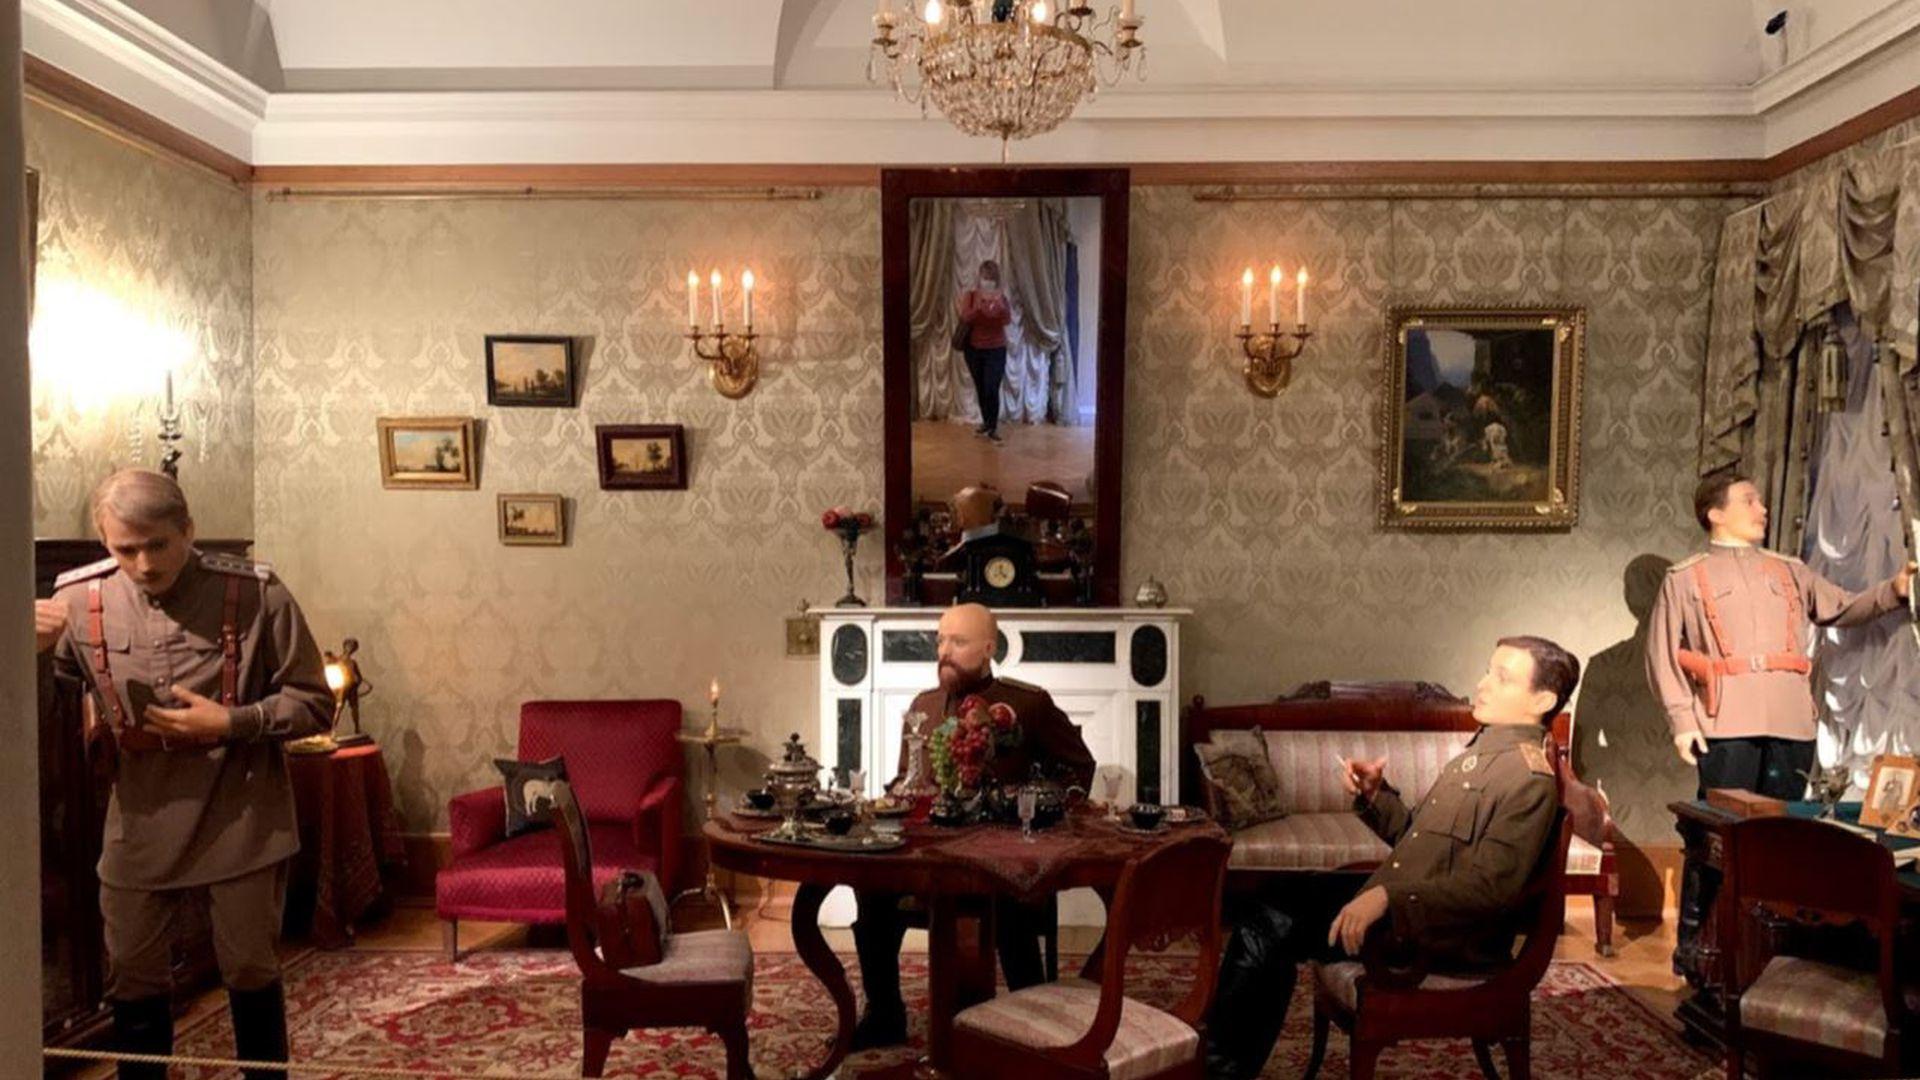 Юсуповский дворец: экспозиция «Убийство Распутина» и половины молодых князей